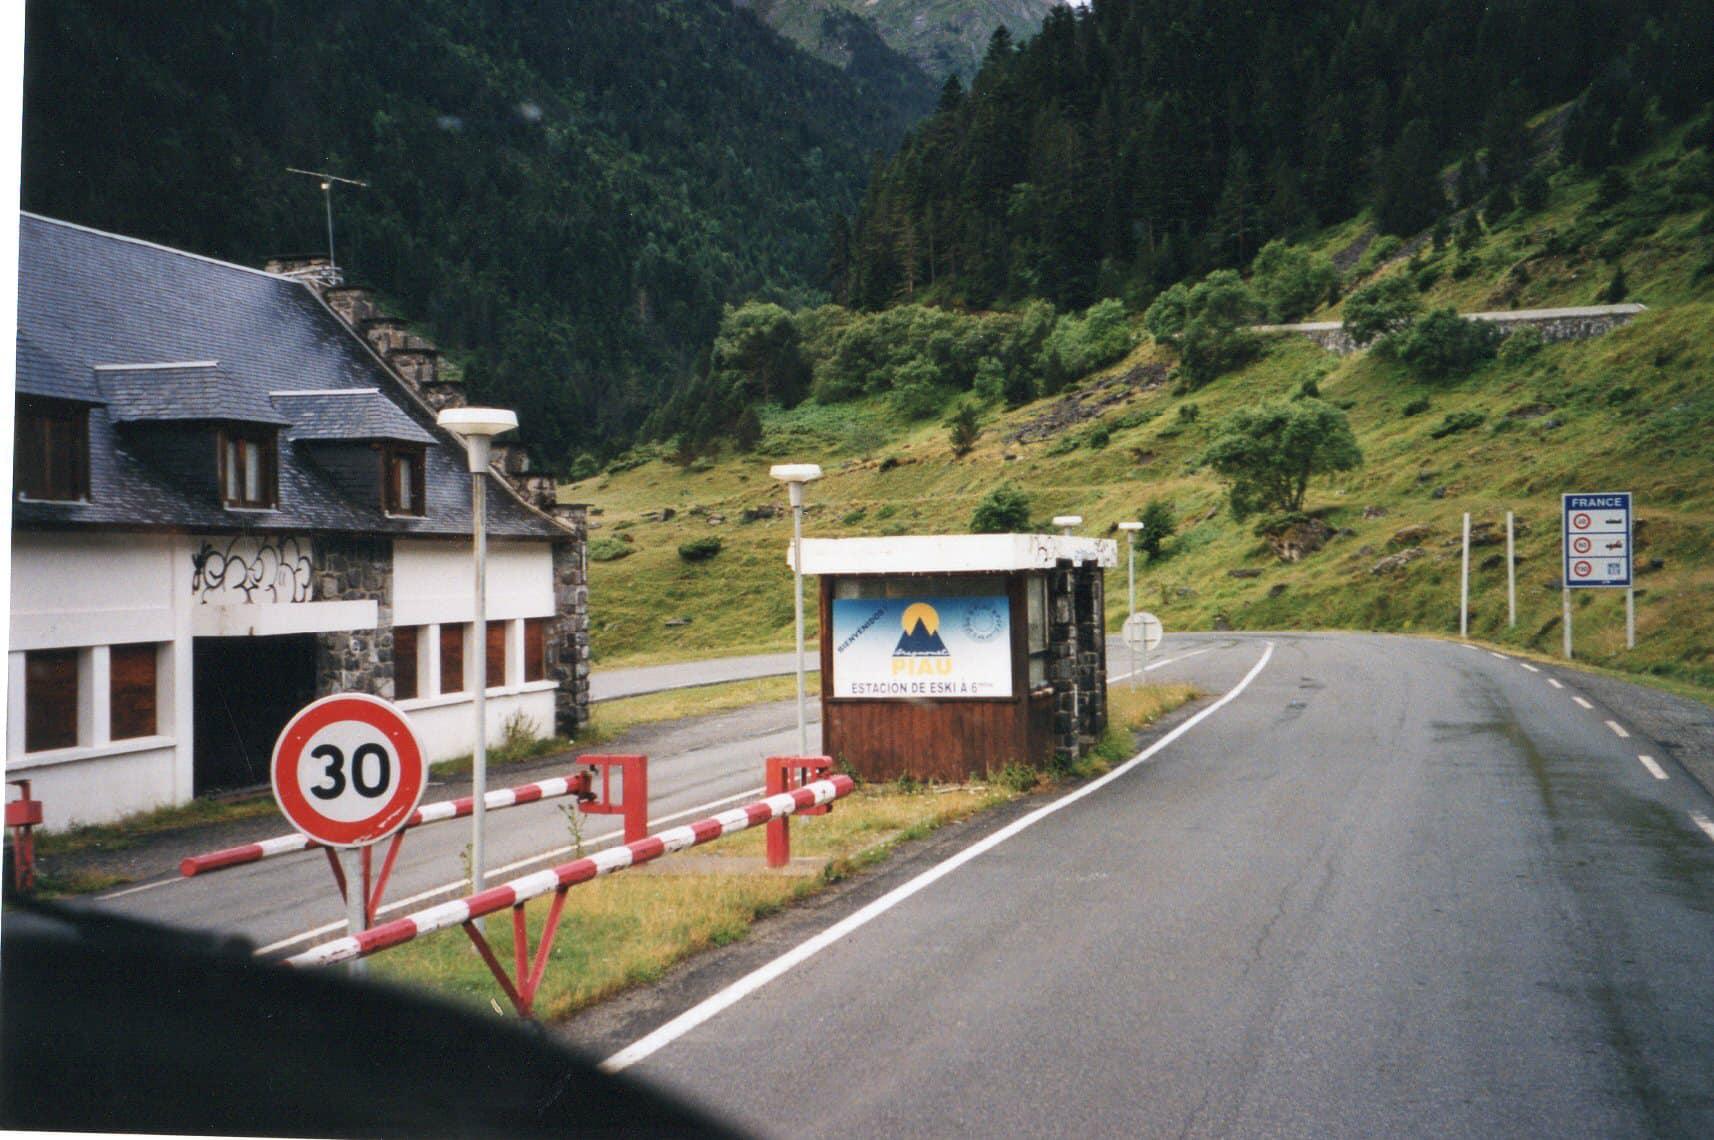 in-de-Pyreneen--Hendrik-Westra-